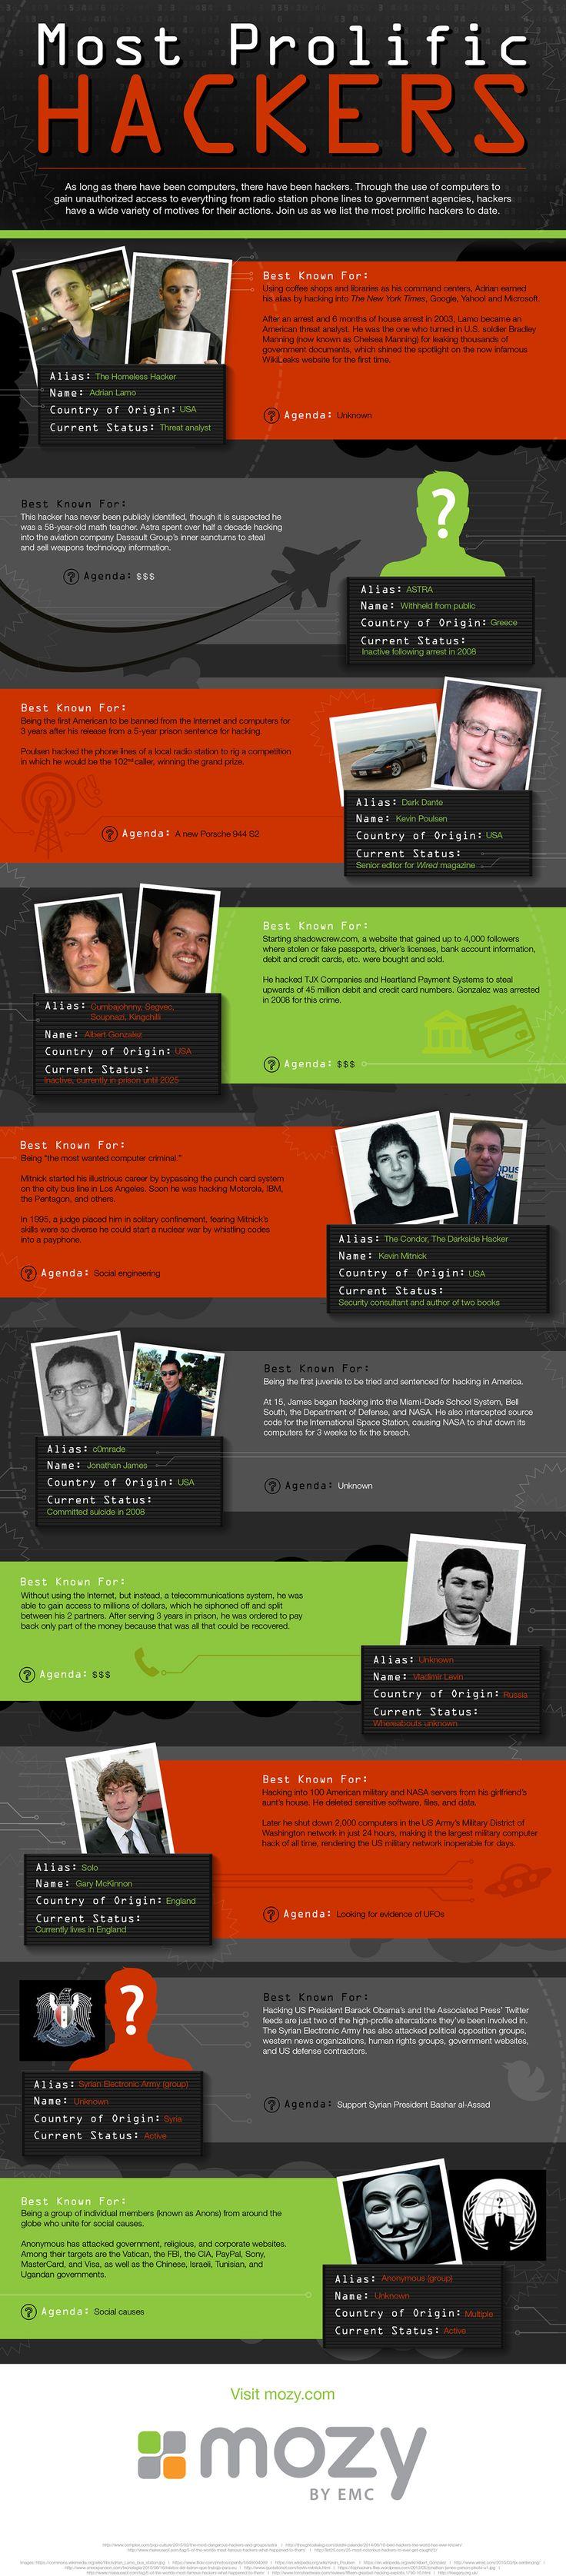 Most prolific computer hackers http://mozy.com/blog/infographics/most-prolific-hackers-infographic/